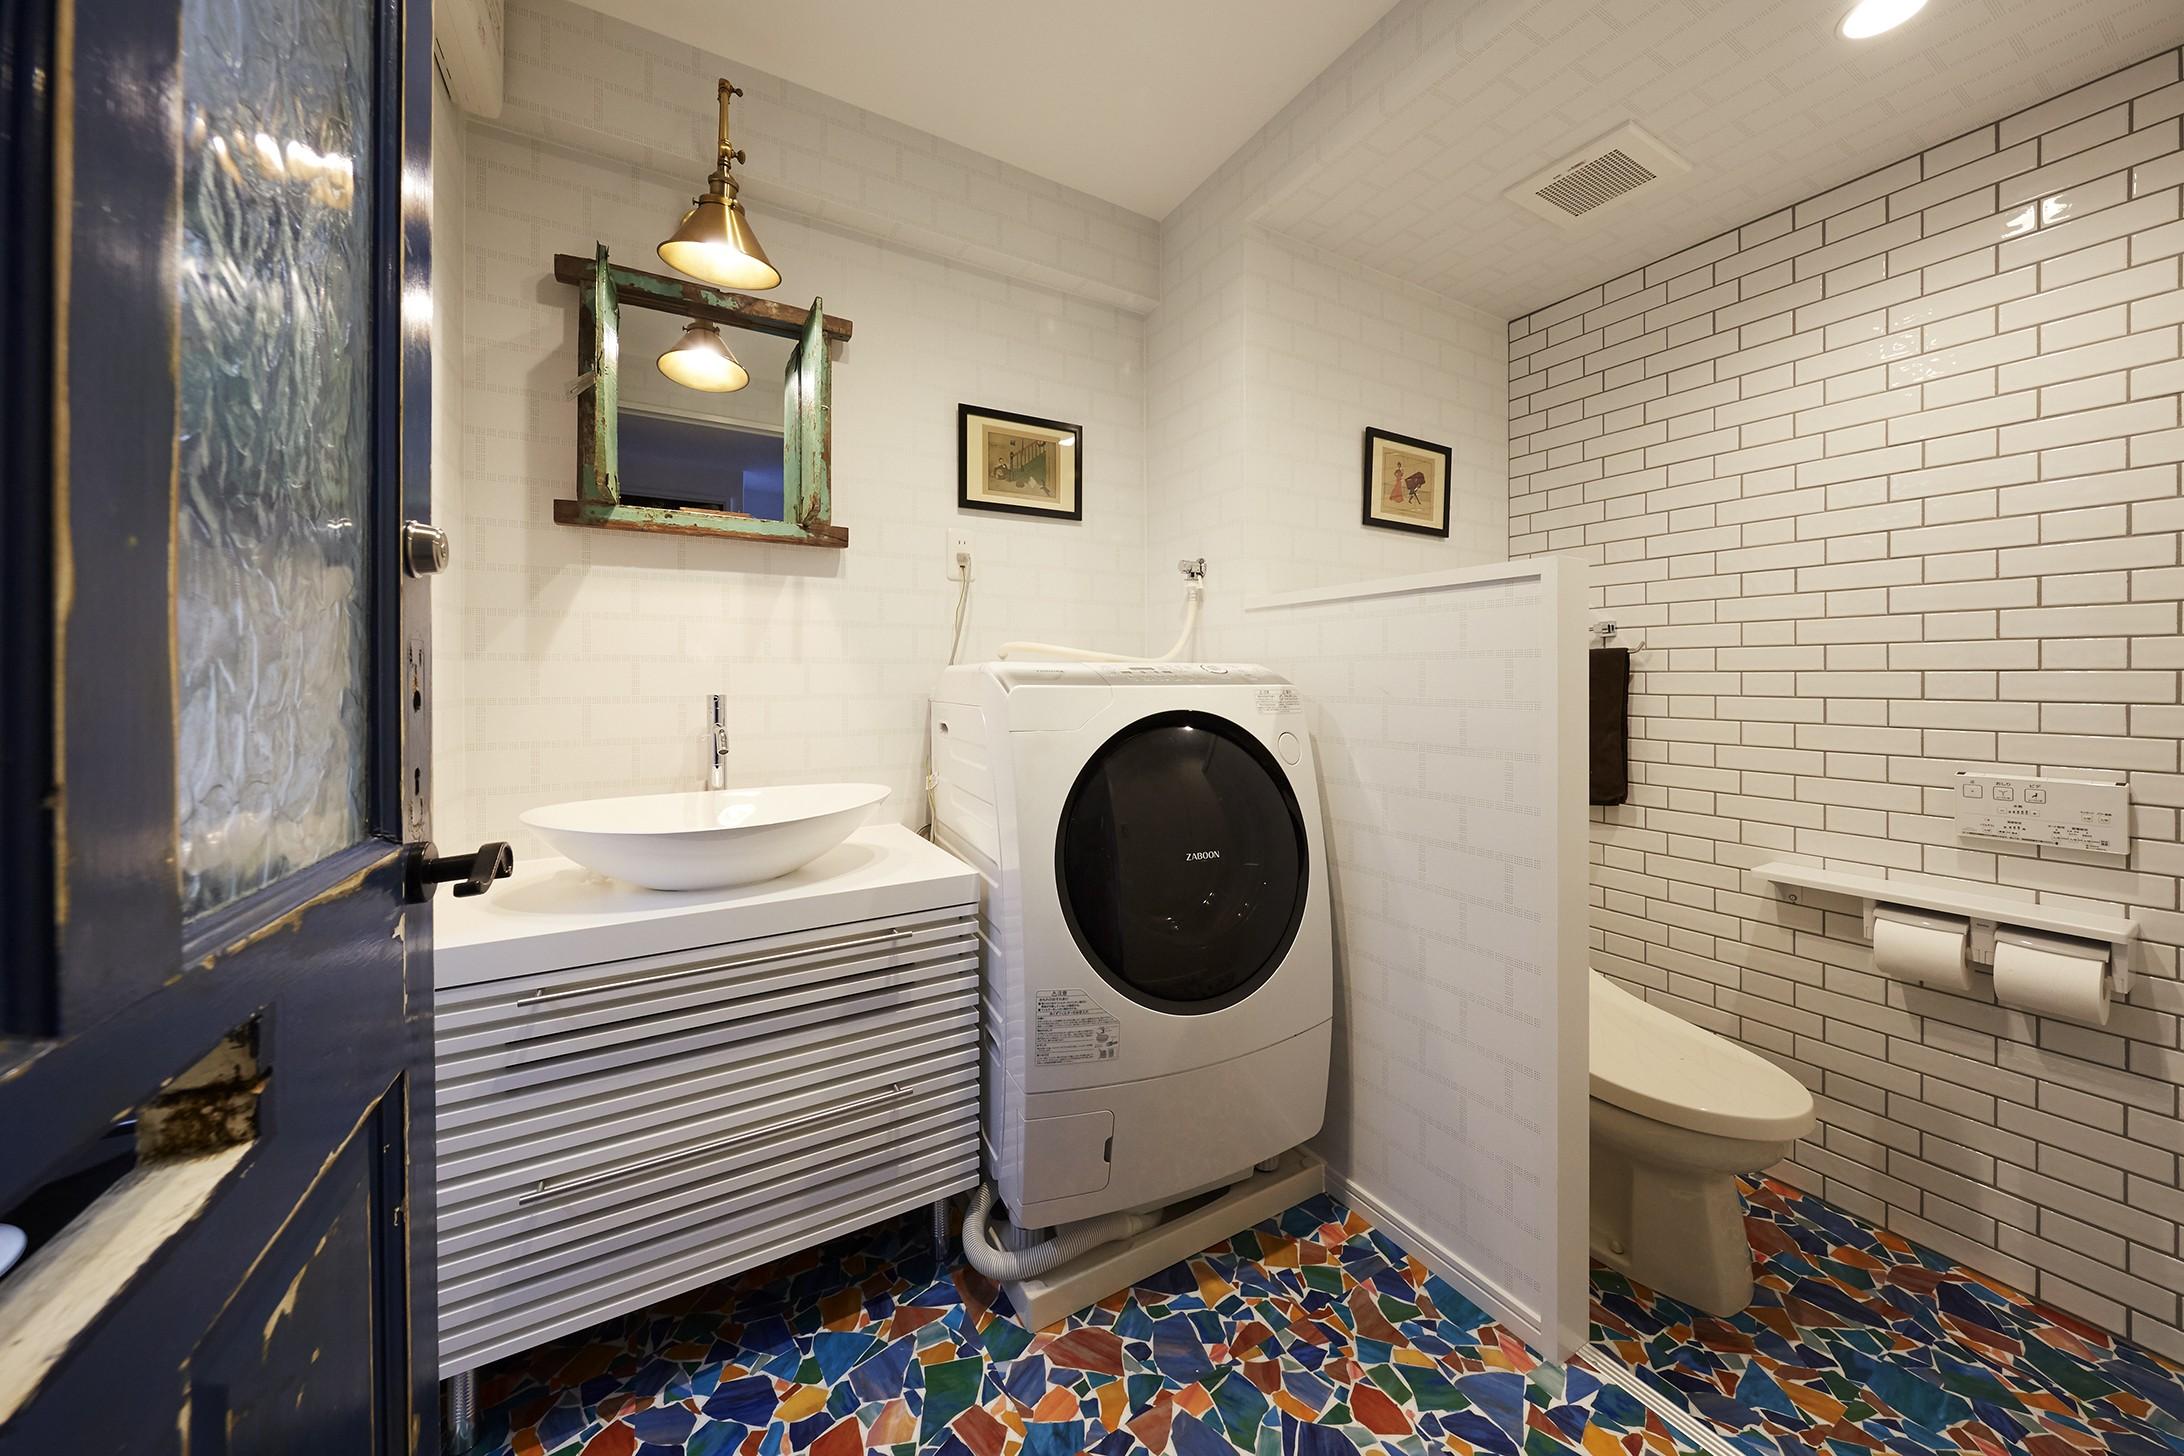 バス/トイレ事例:クラッシュグラス柄が映えるリゾートホテル風サニタリールーム(個性溢れる家具とアートが融合するリゾートスタイルのセカンドハウス)